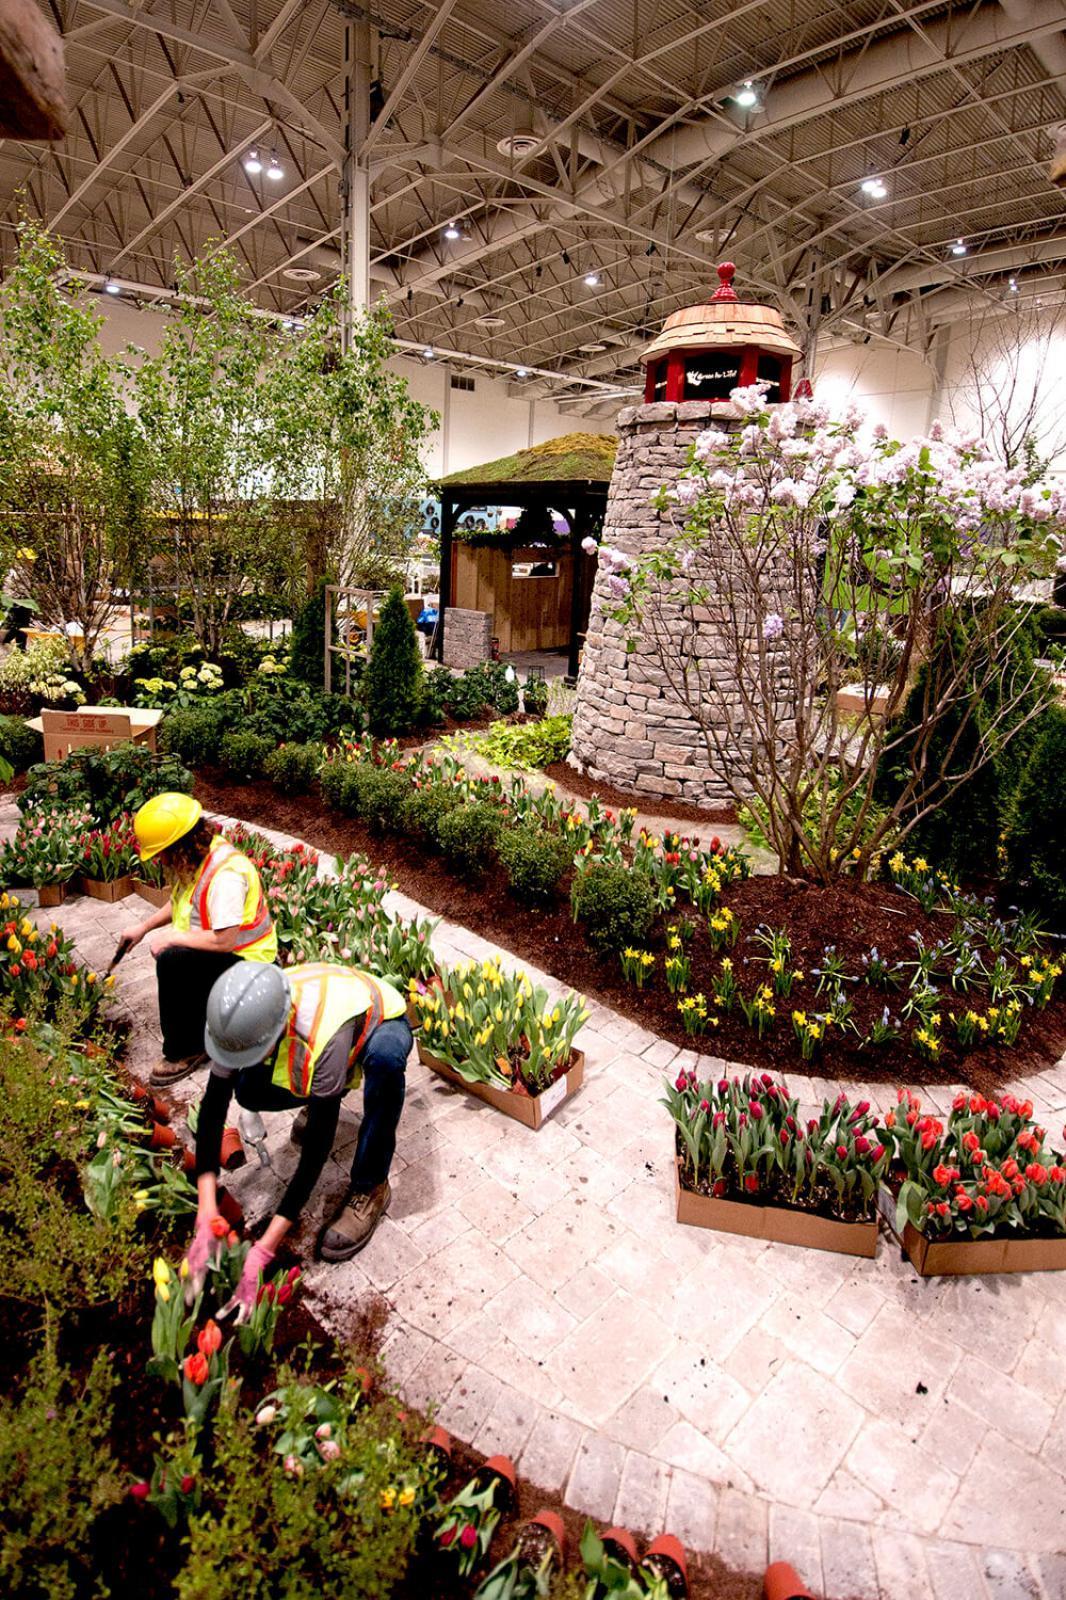 LO members volunteer at Canada Blooms because it matters.